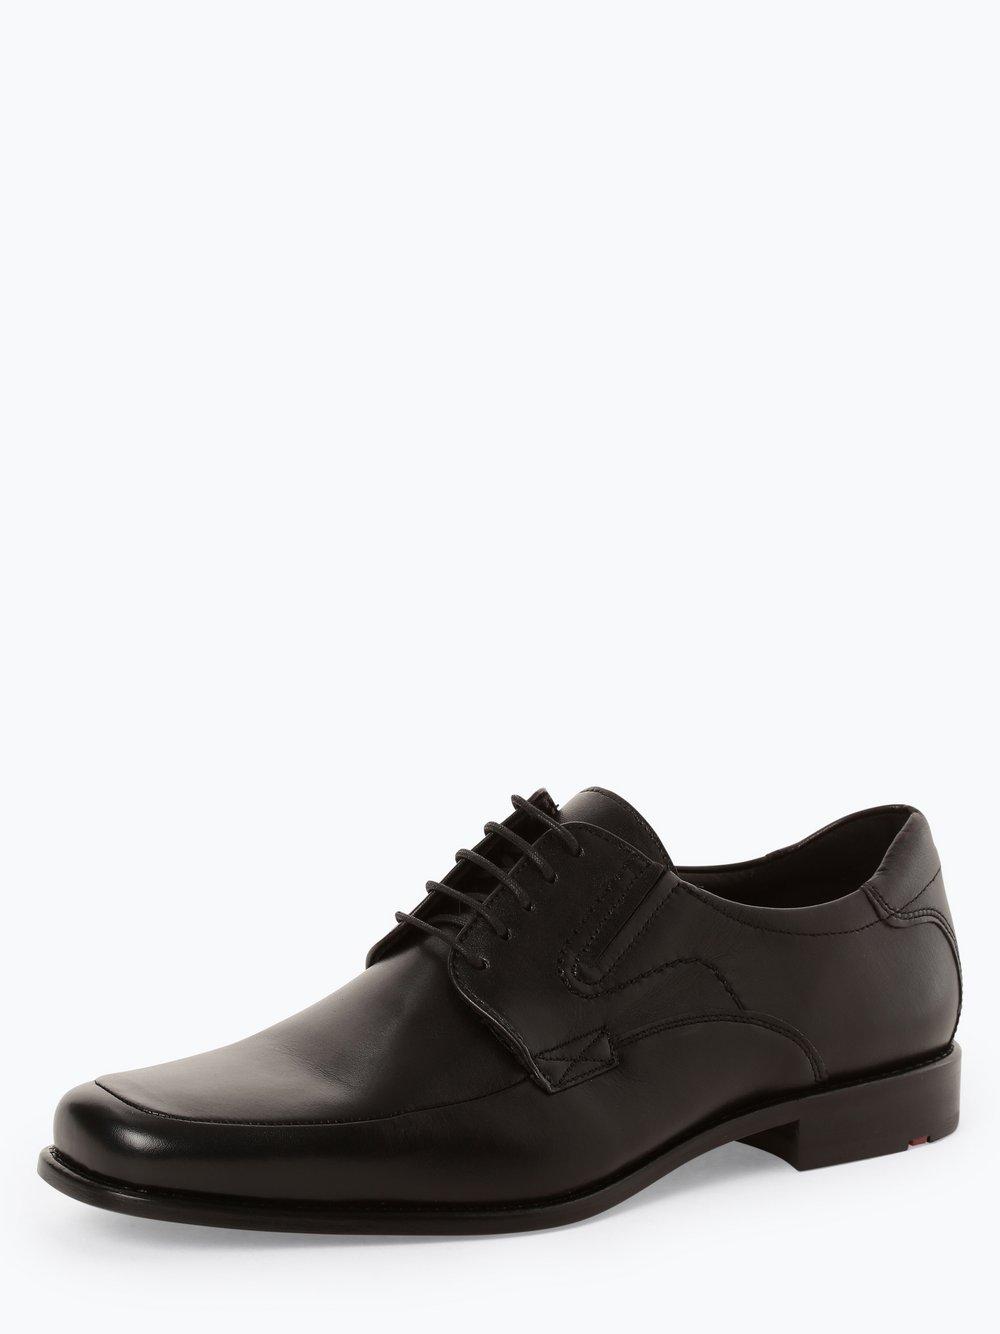 Lloyd – Męskie buty sznurowane ze skóry – Kelton, czarny Van Graaf 429360-0001-00105